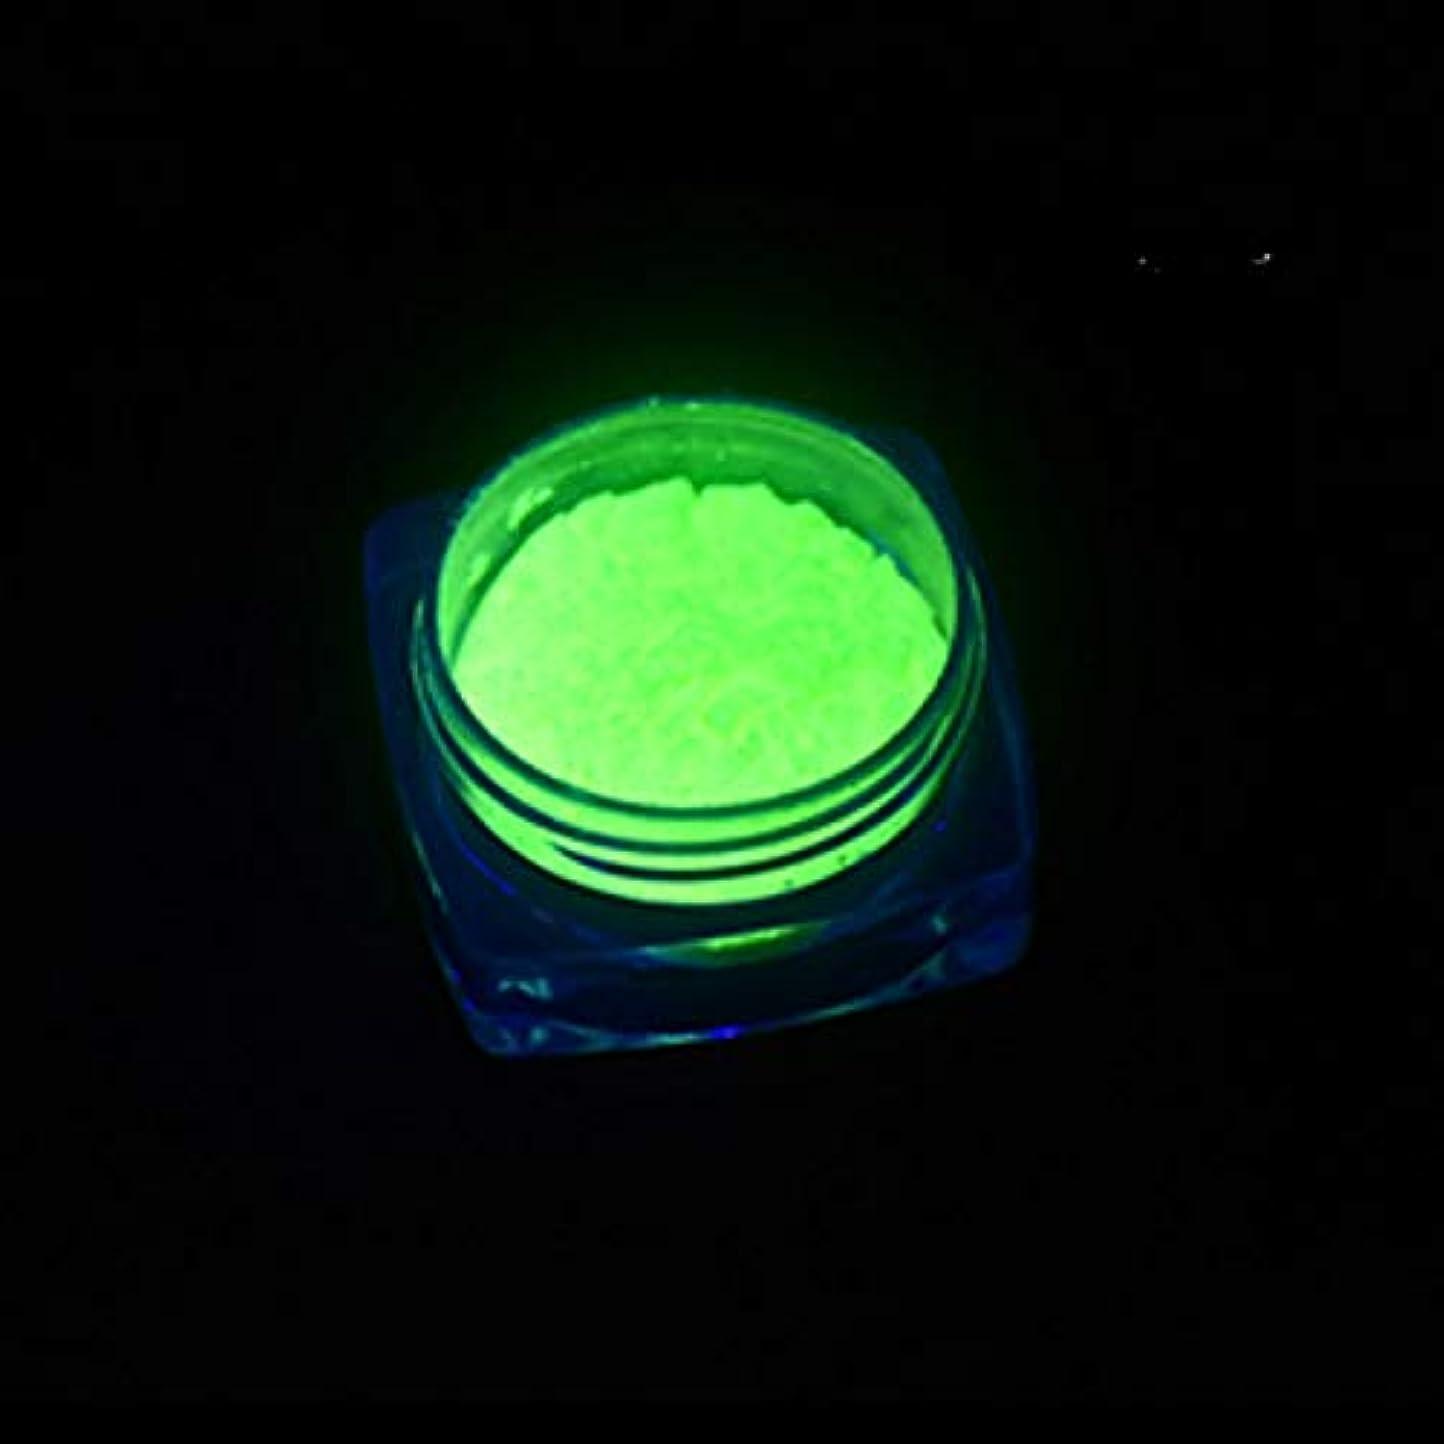 砲兵以来レンダービューティー&パーソナルケア 3 PCSネオン蛍光体粉末ネイルグリッターパウダー ステッカー&デカール (色 : YGF09 Light Green)